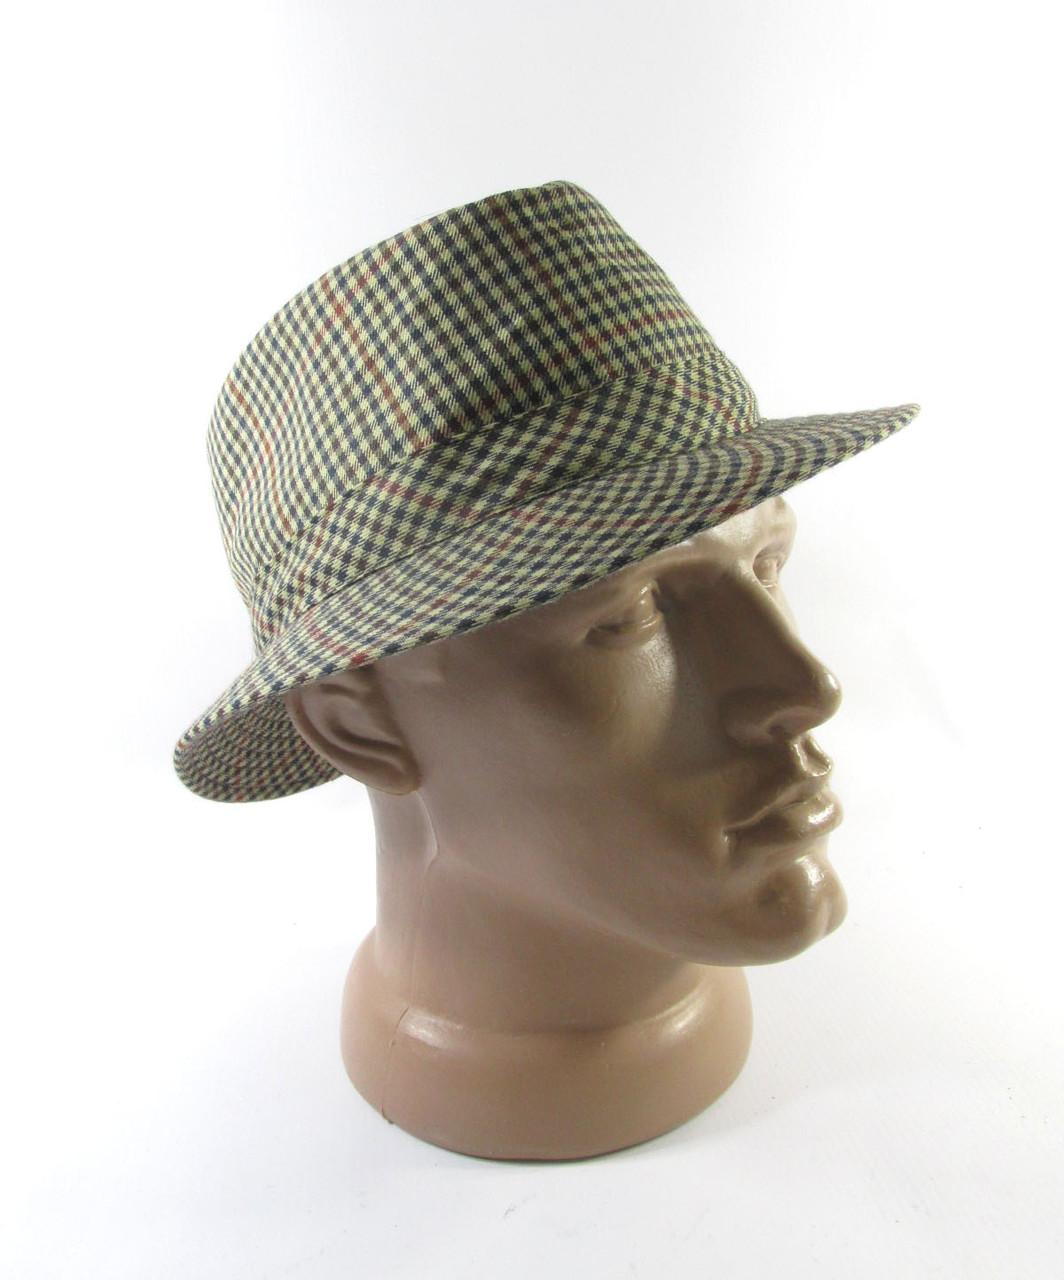 Шляпа Mayser Castel 3811, 55 см, шерсть-полиестер, Как Новая!